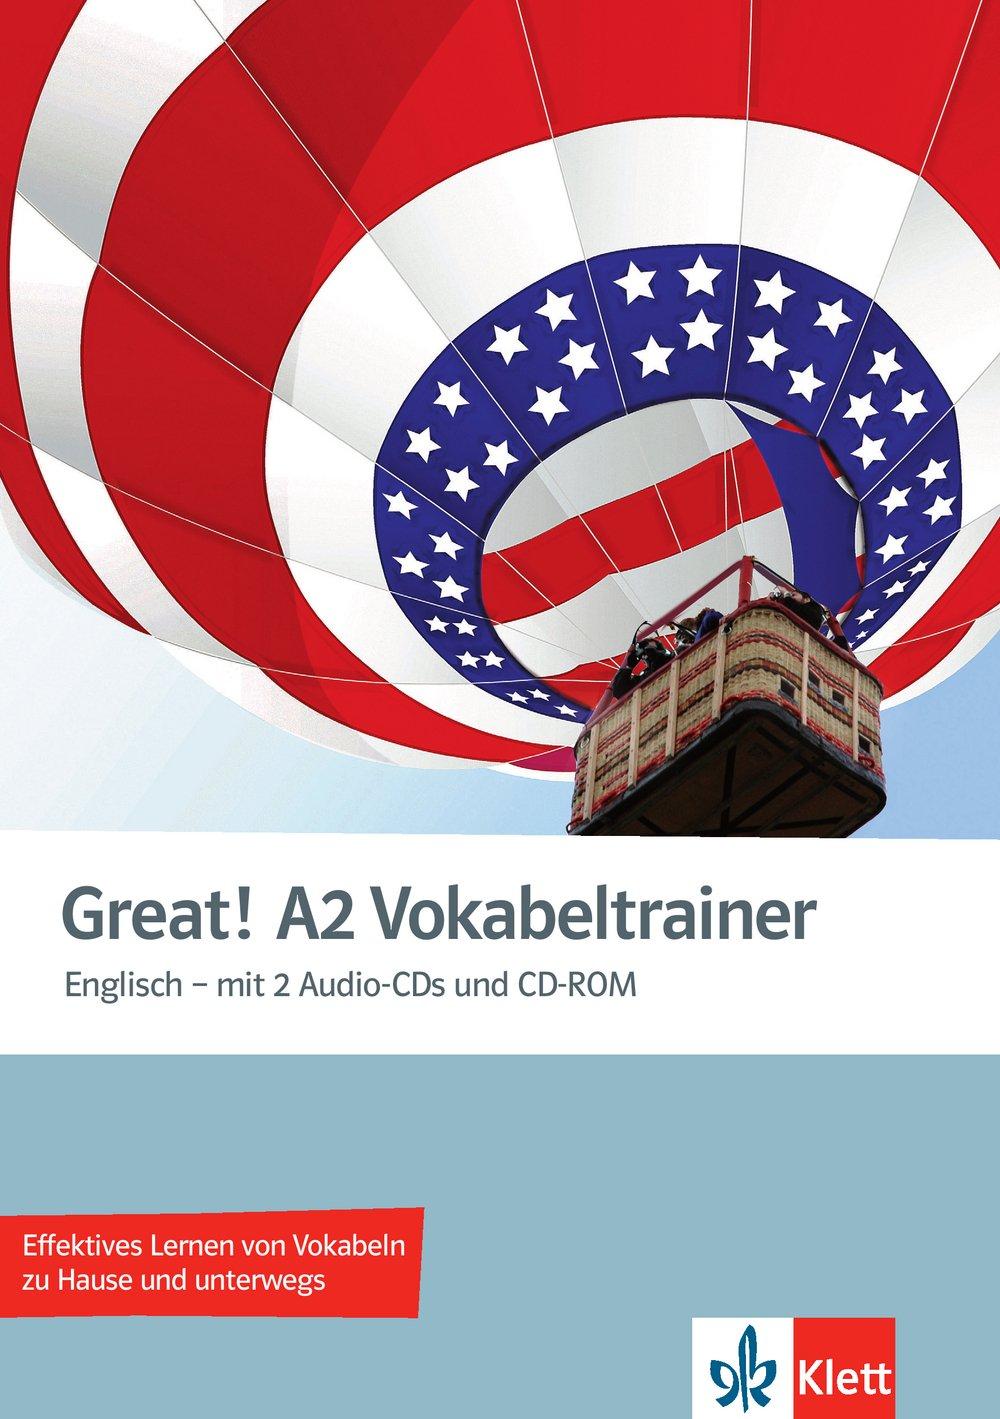 Great! A2: Englisch für Erwachsene. Vokabeltrainer mit 2 Audio-CDs und CD-ROM (Great! / Englisch für Erwachsene)